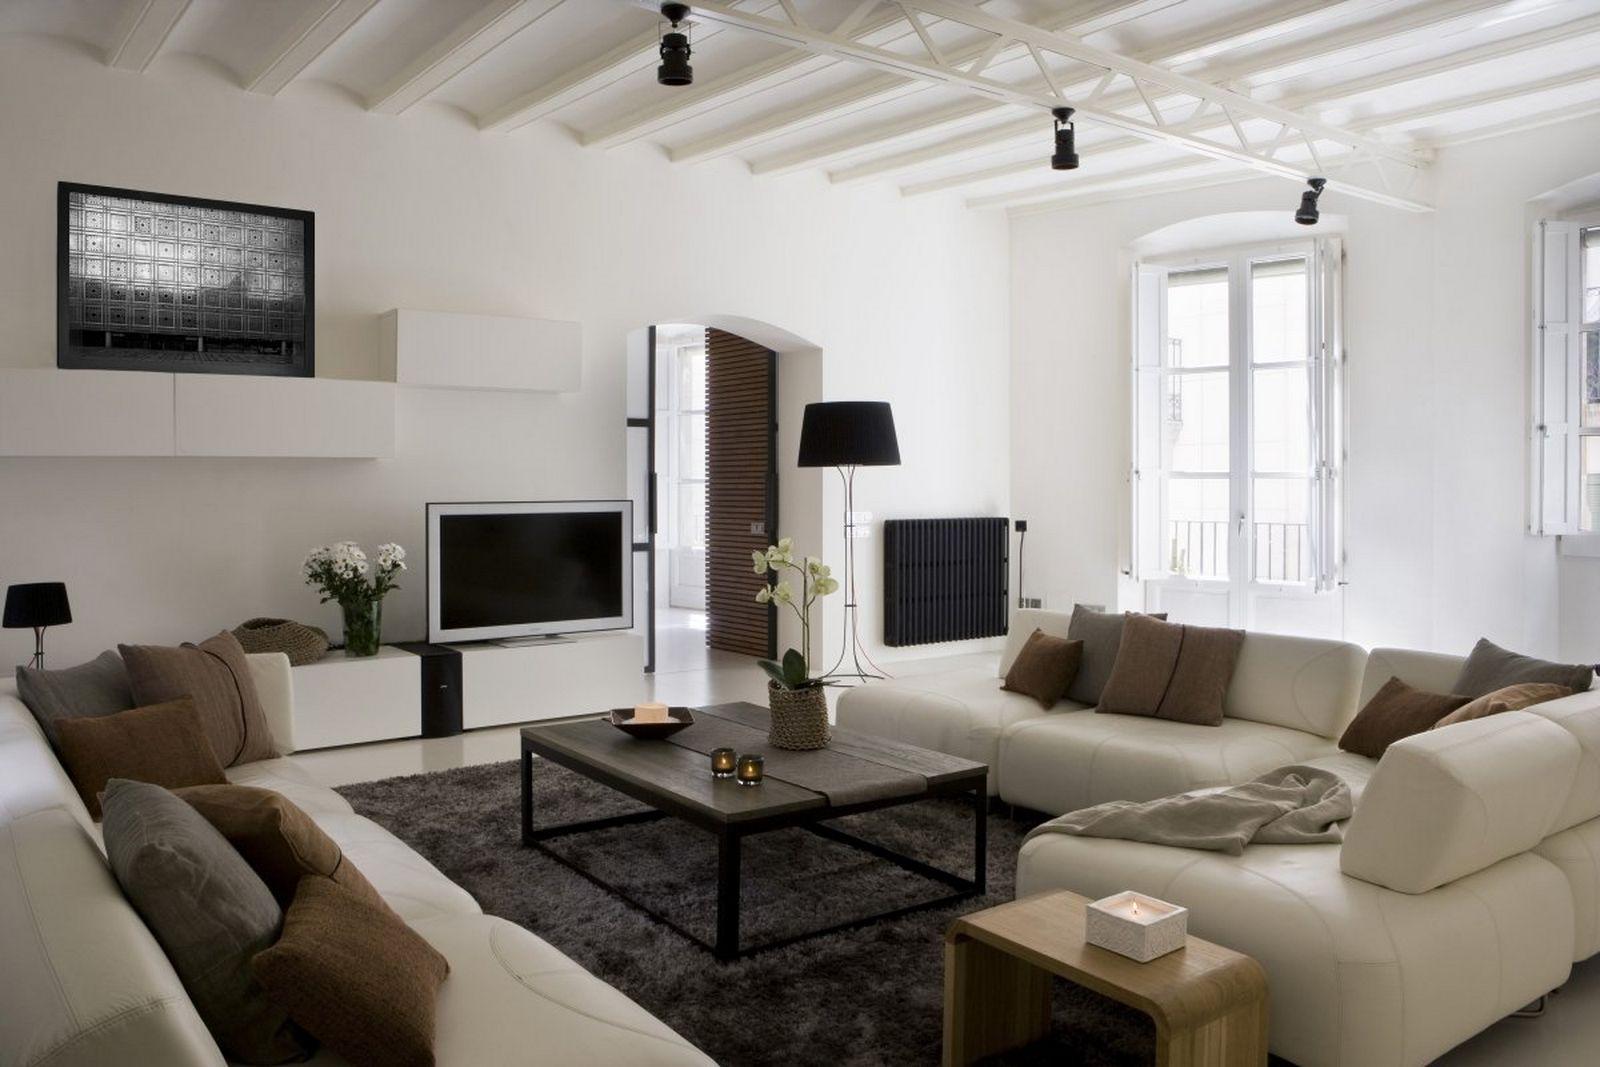 apartment living room design home decor ideas living room on living room decor ideas VBMVBSK